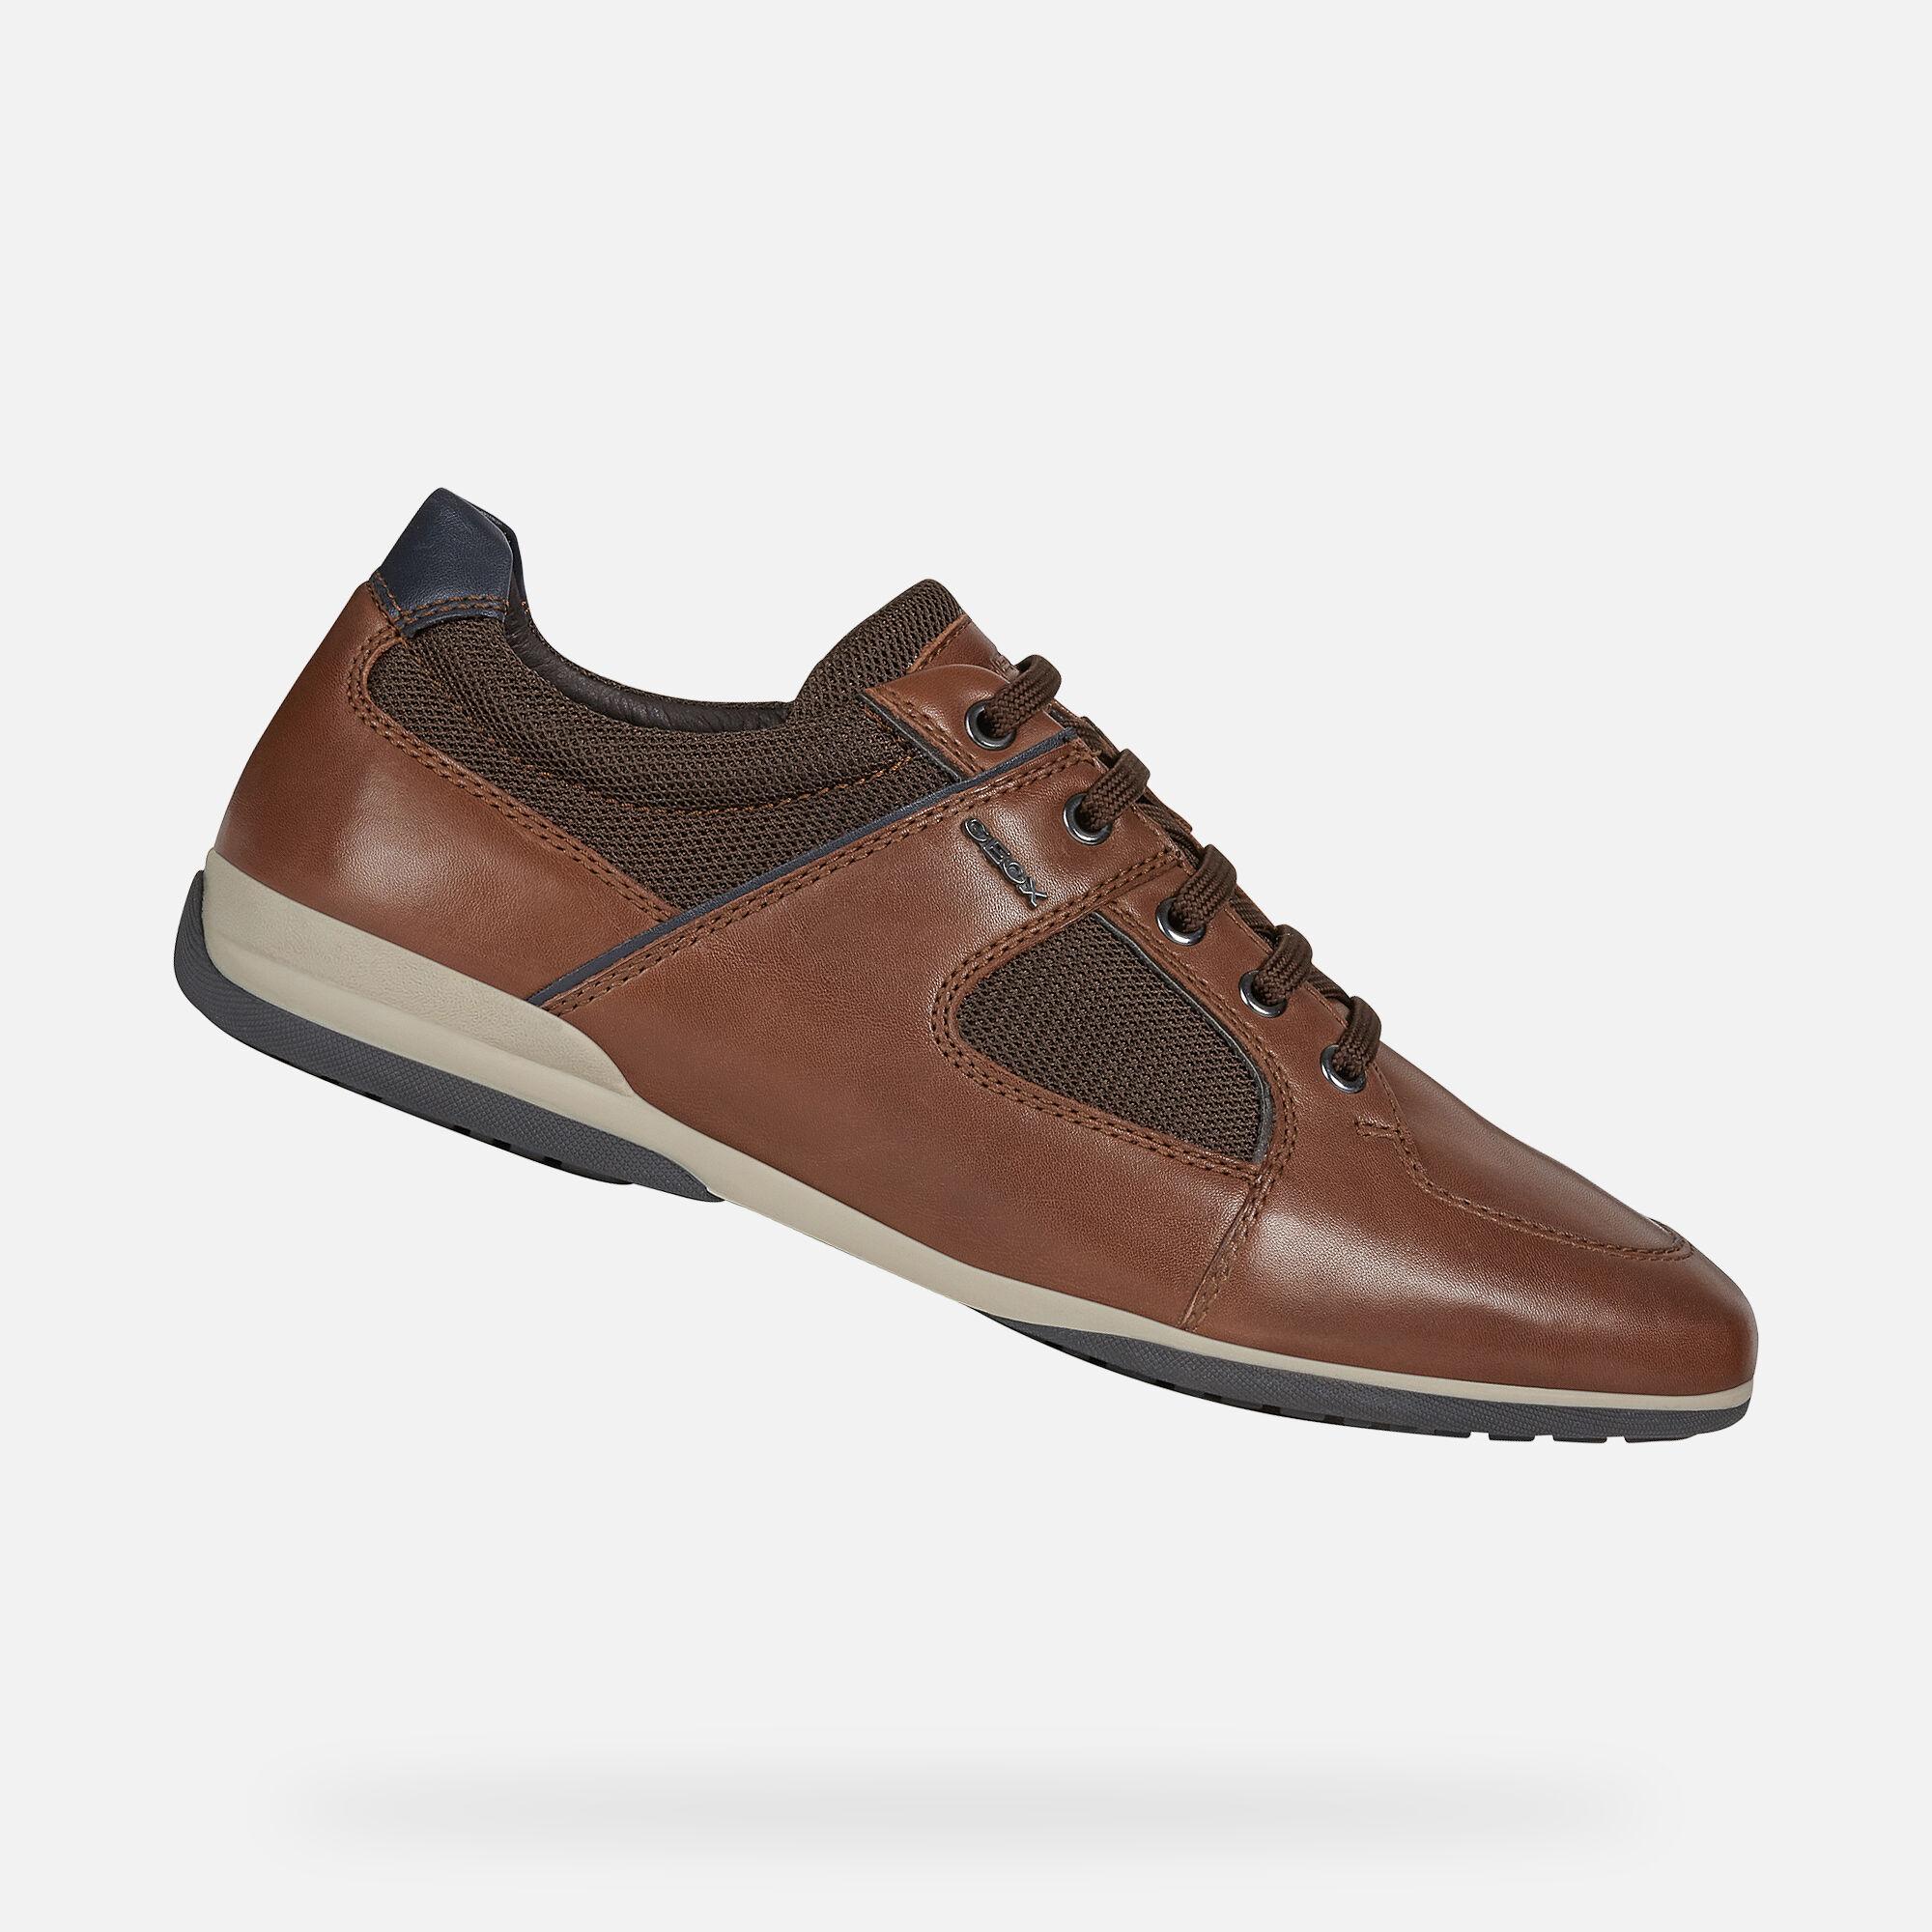 Scarpe Geox Ragazzo misura 36 modello Amphibiox colore marrone | eBay